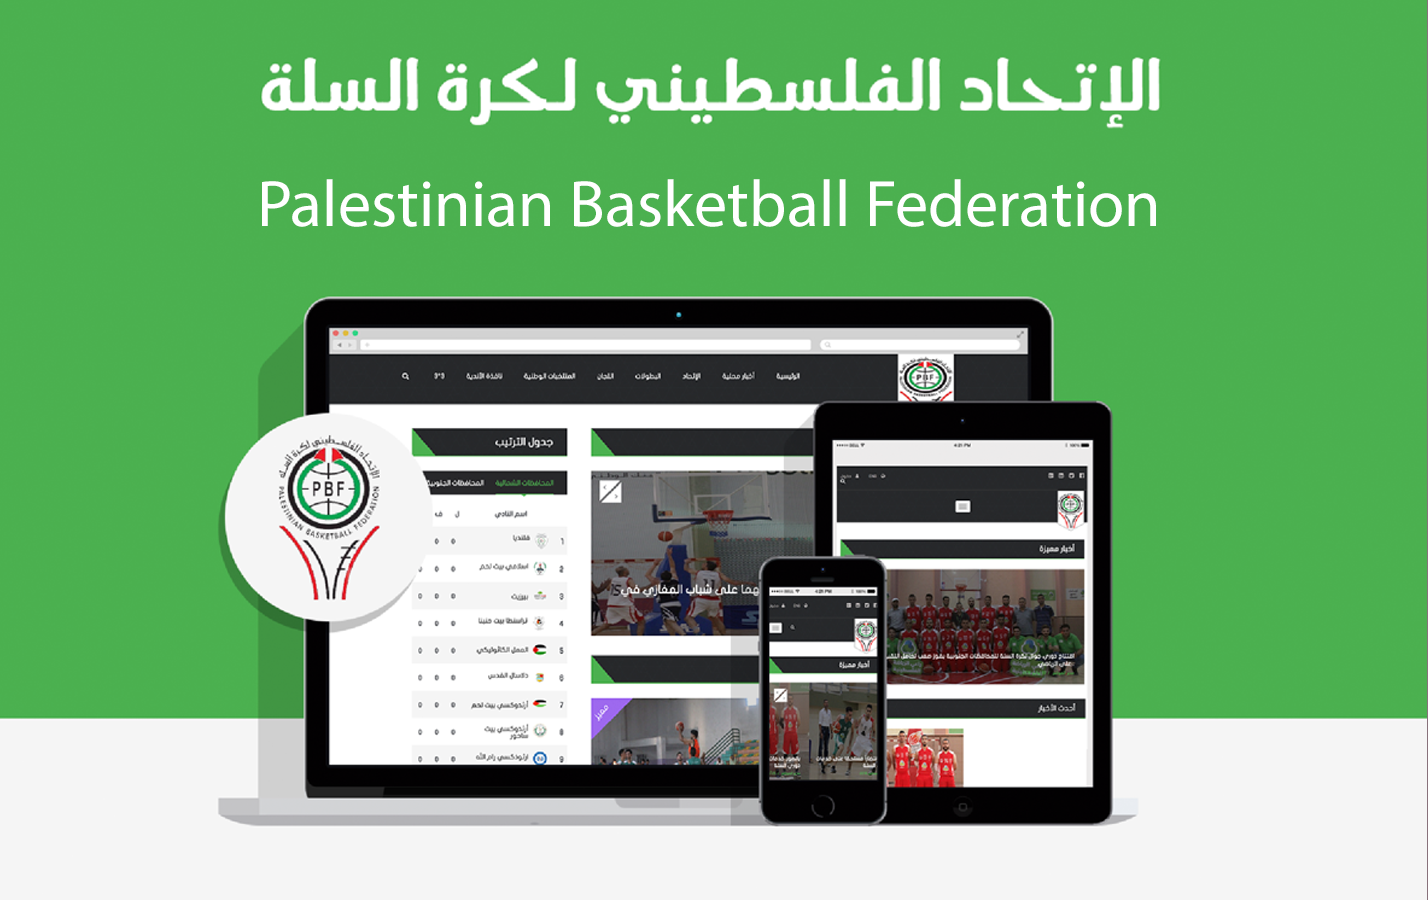 Palestinian Basketball Federation